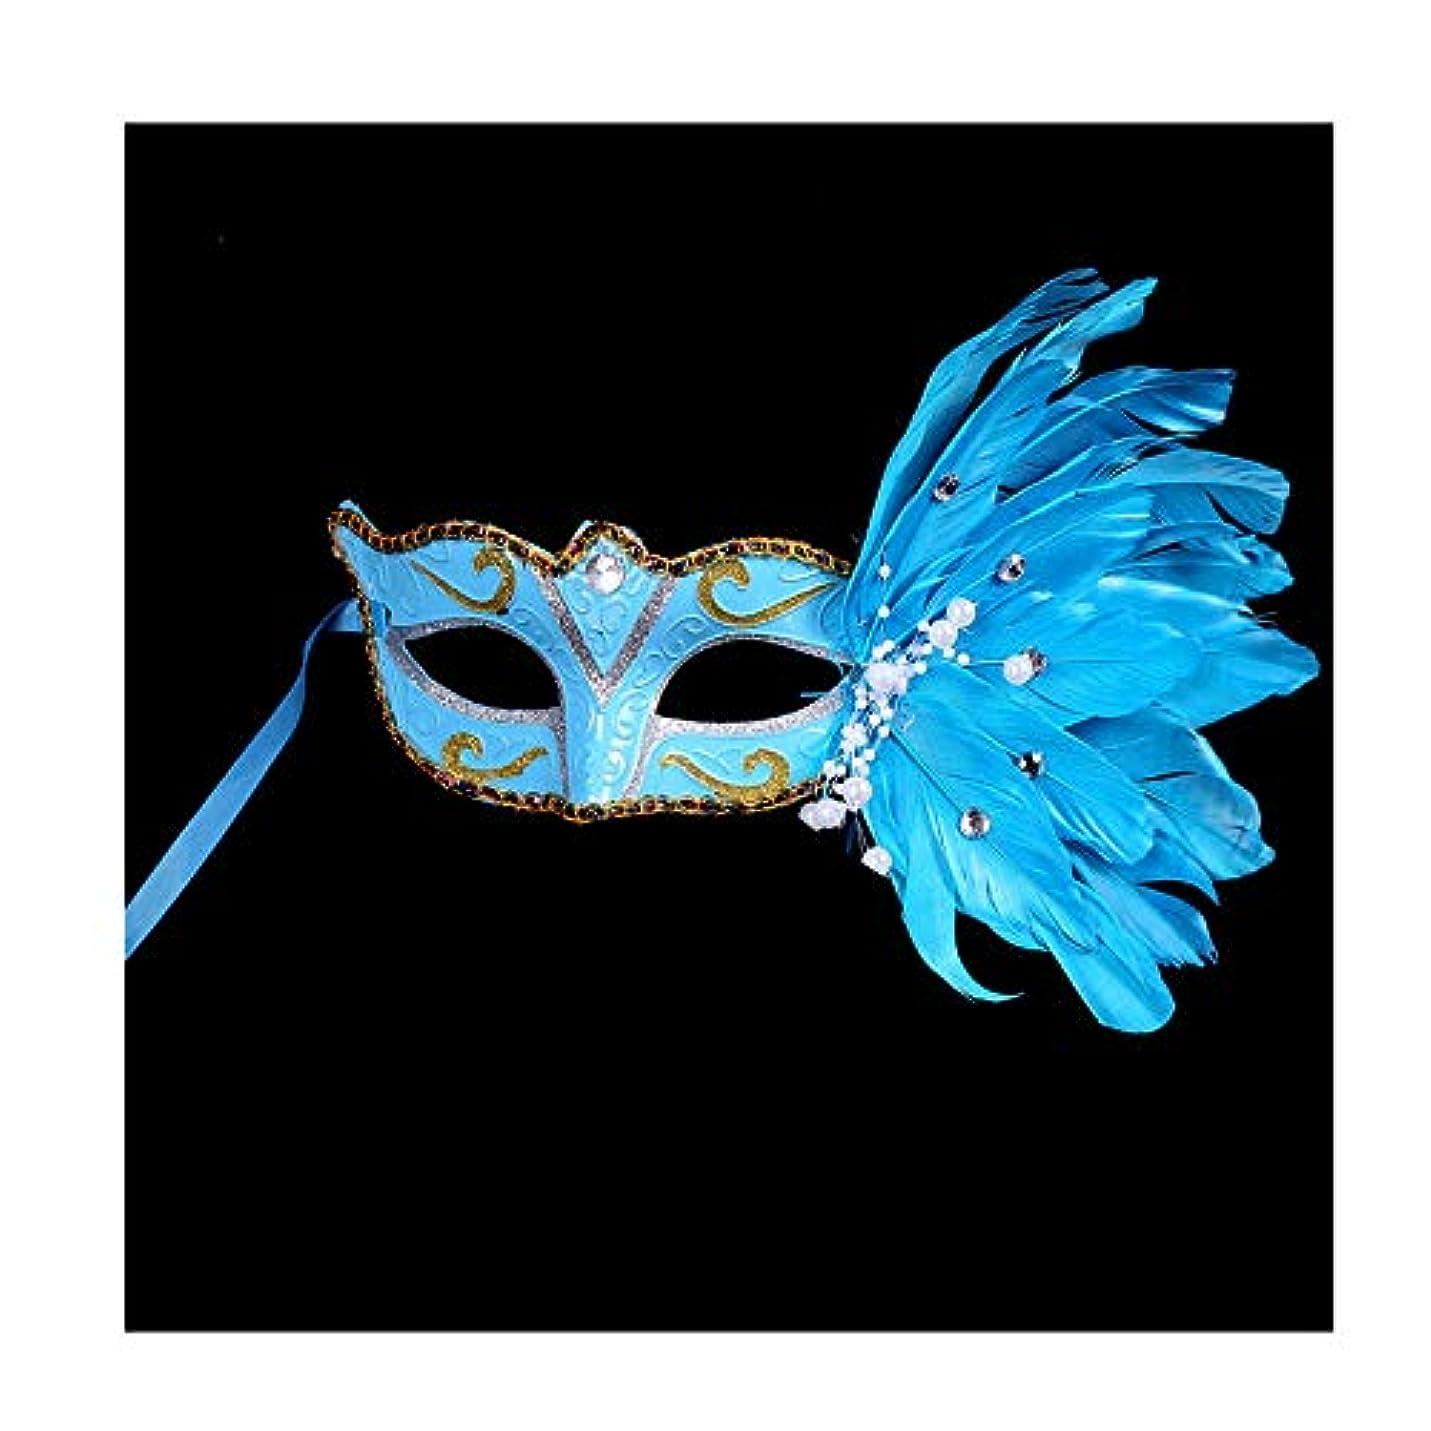 タイムリーな重くする敷居KTVバーマスカレードハロウィンクリスマスフェザーは、女性のマスクを描きました,F